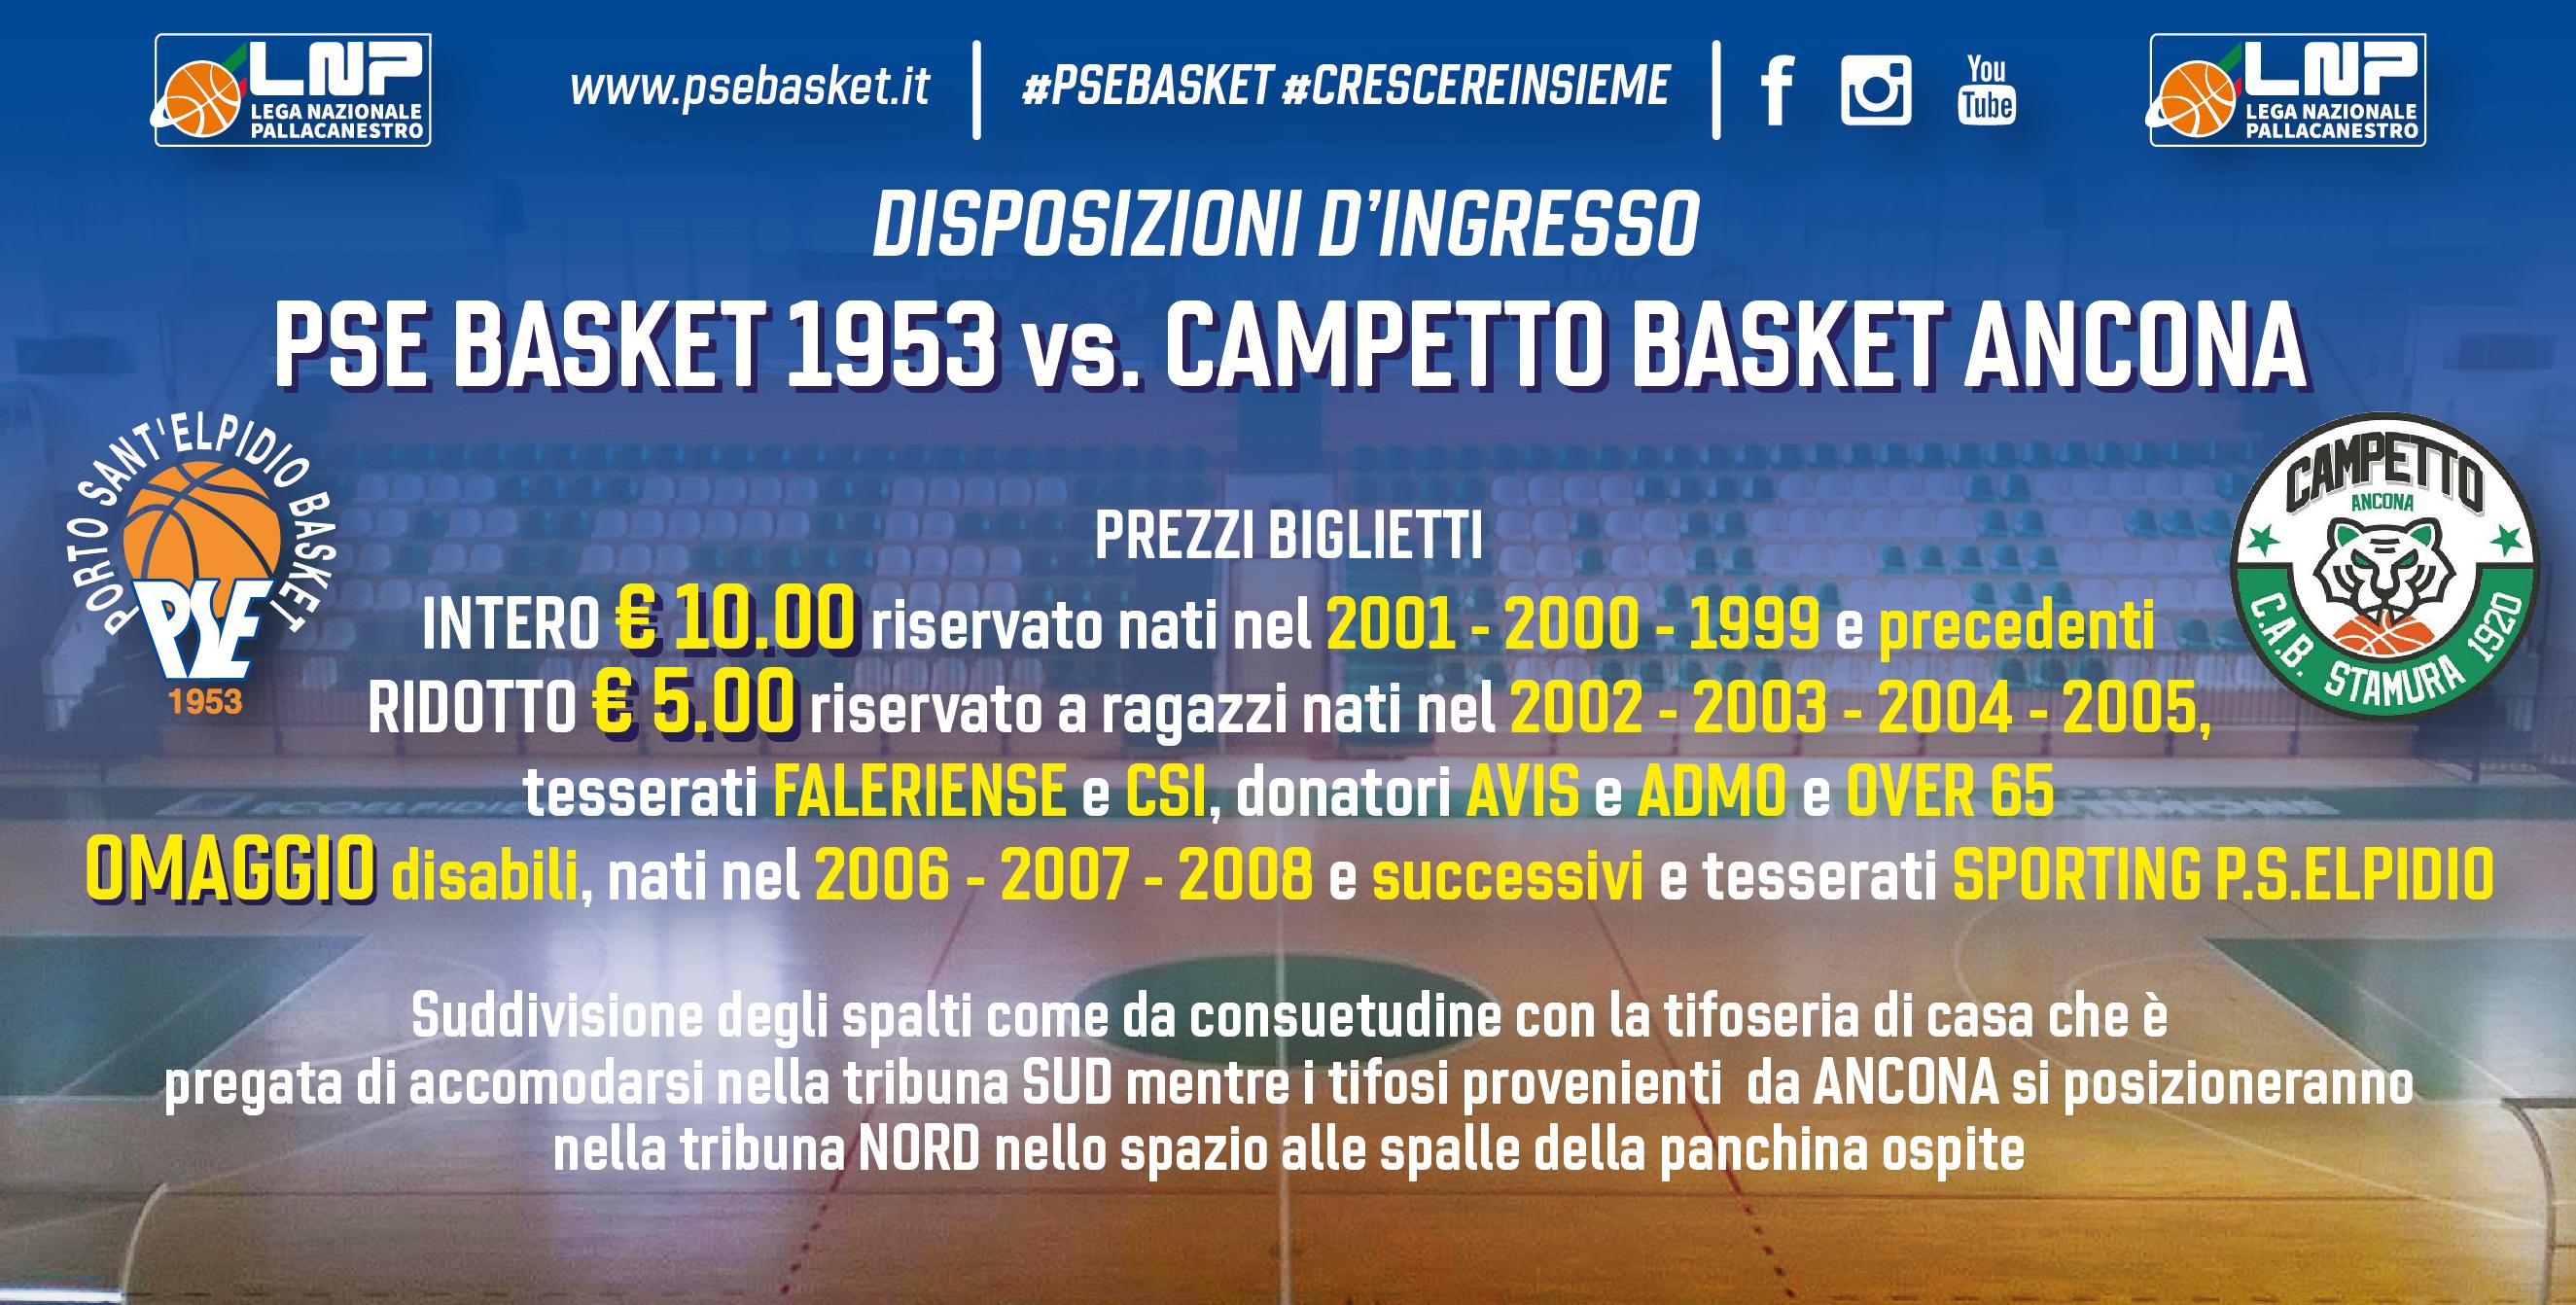 Derby P.S.Elpidio-Ancona, le disposizioni di accesso al Palas